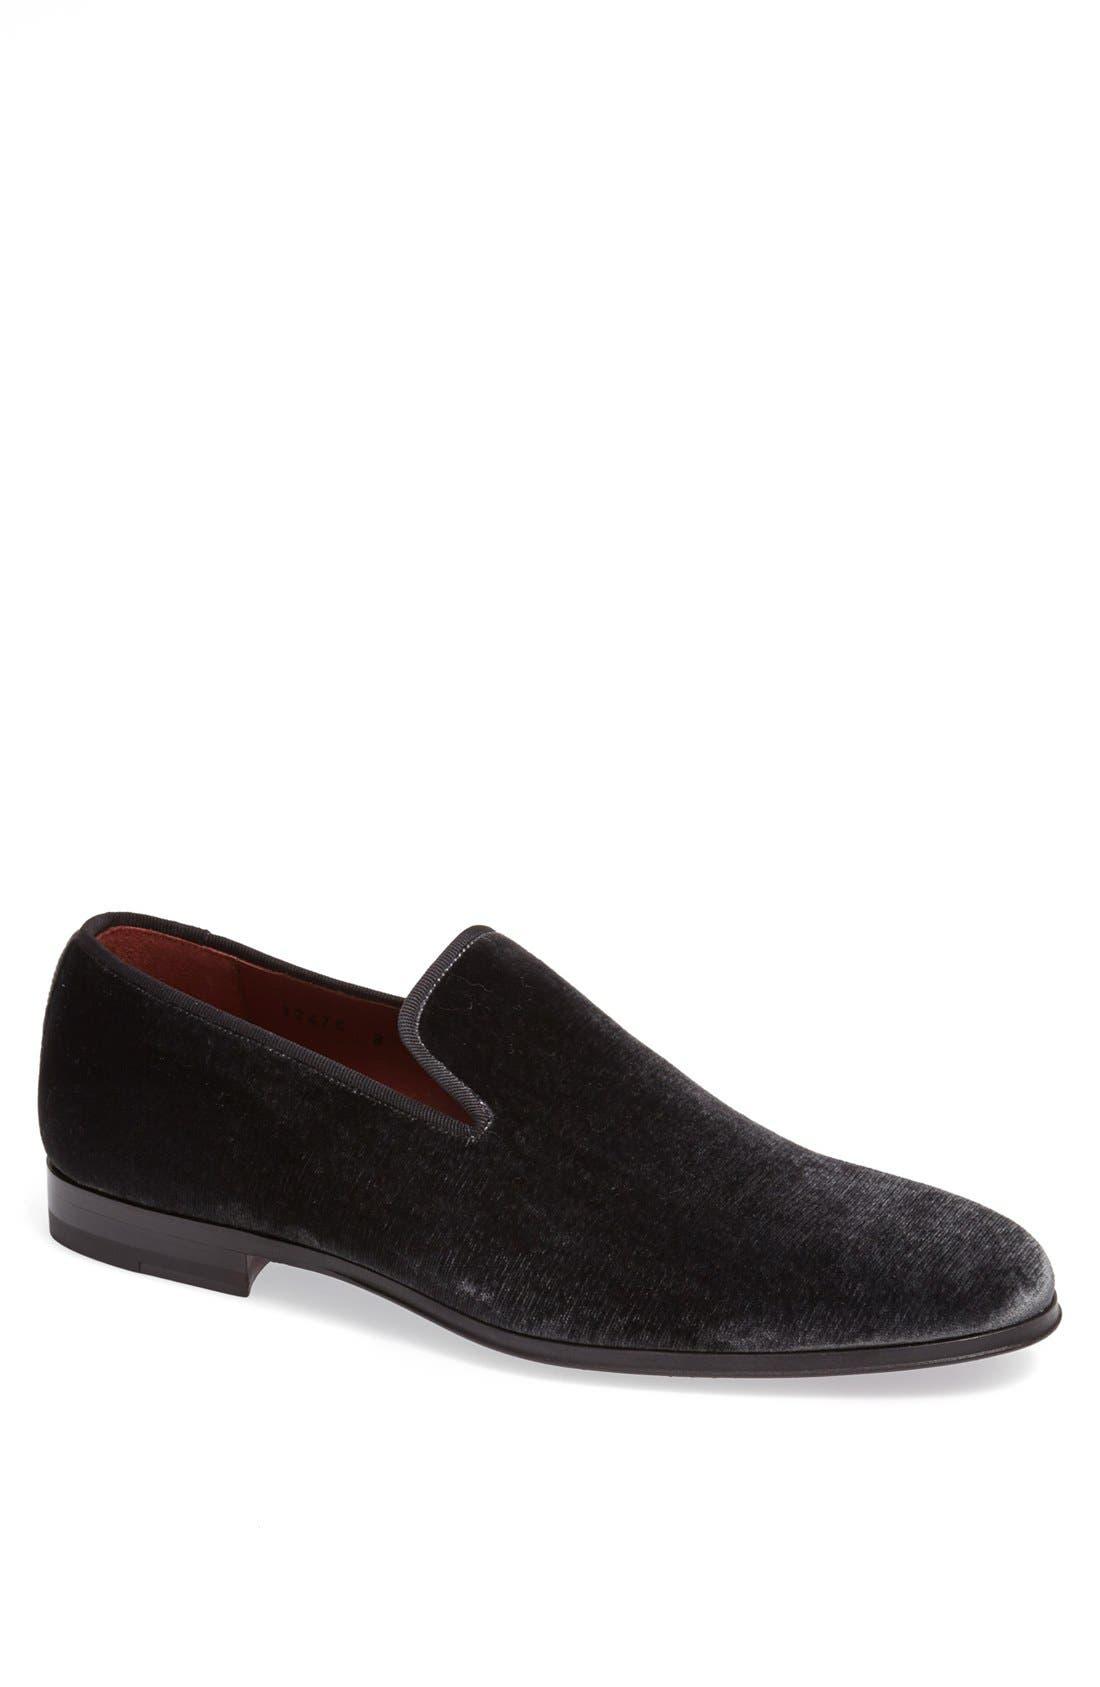 Main Image - Magnanni 'Dorio' Velvet Venetian Loafer